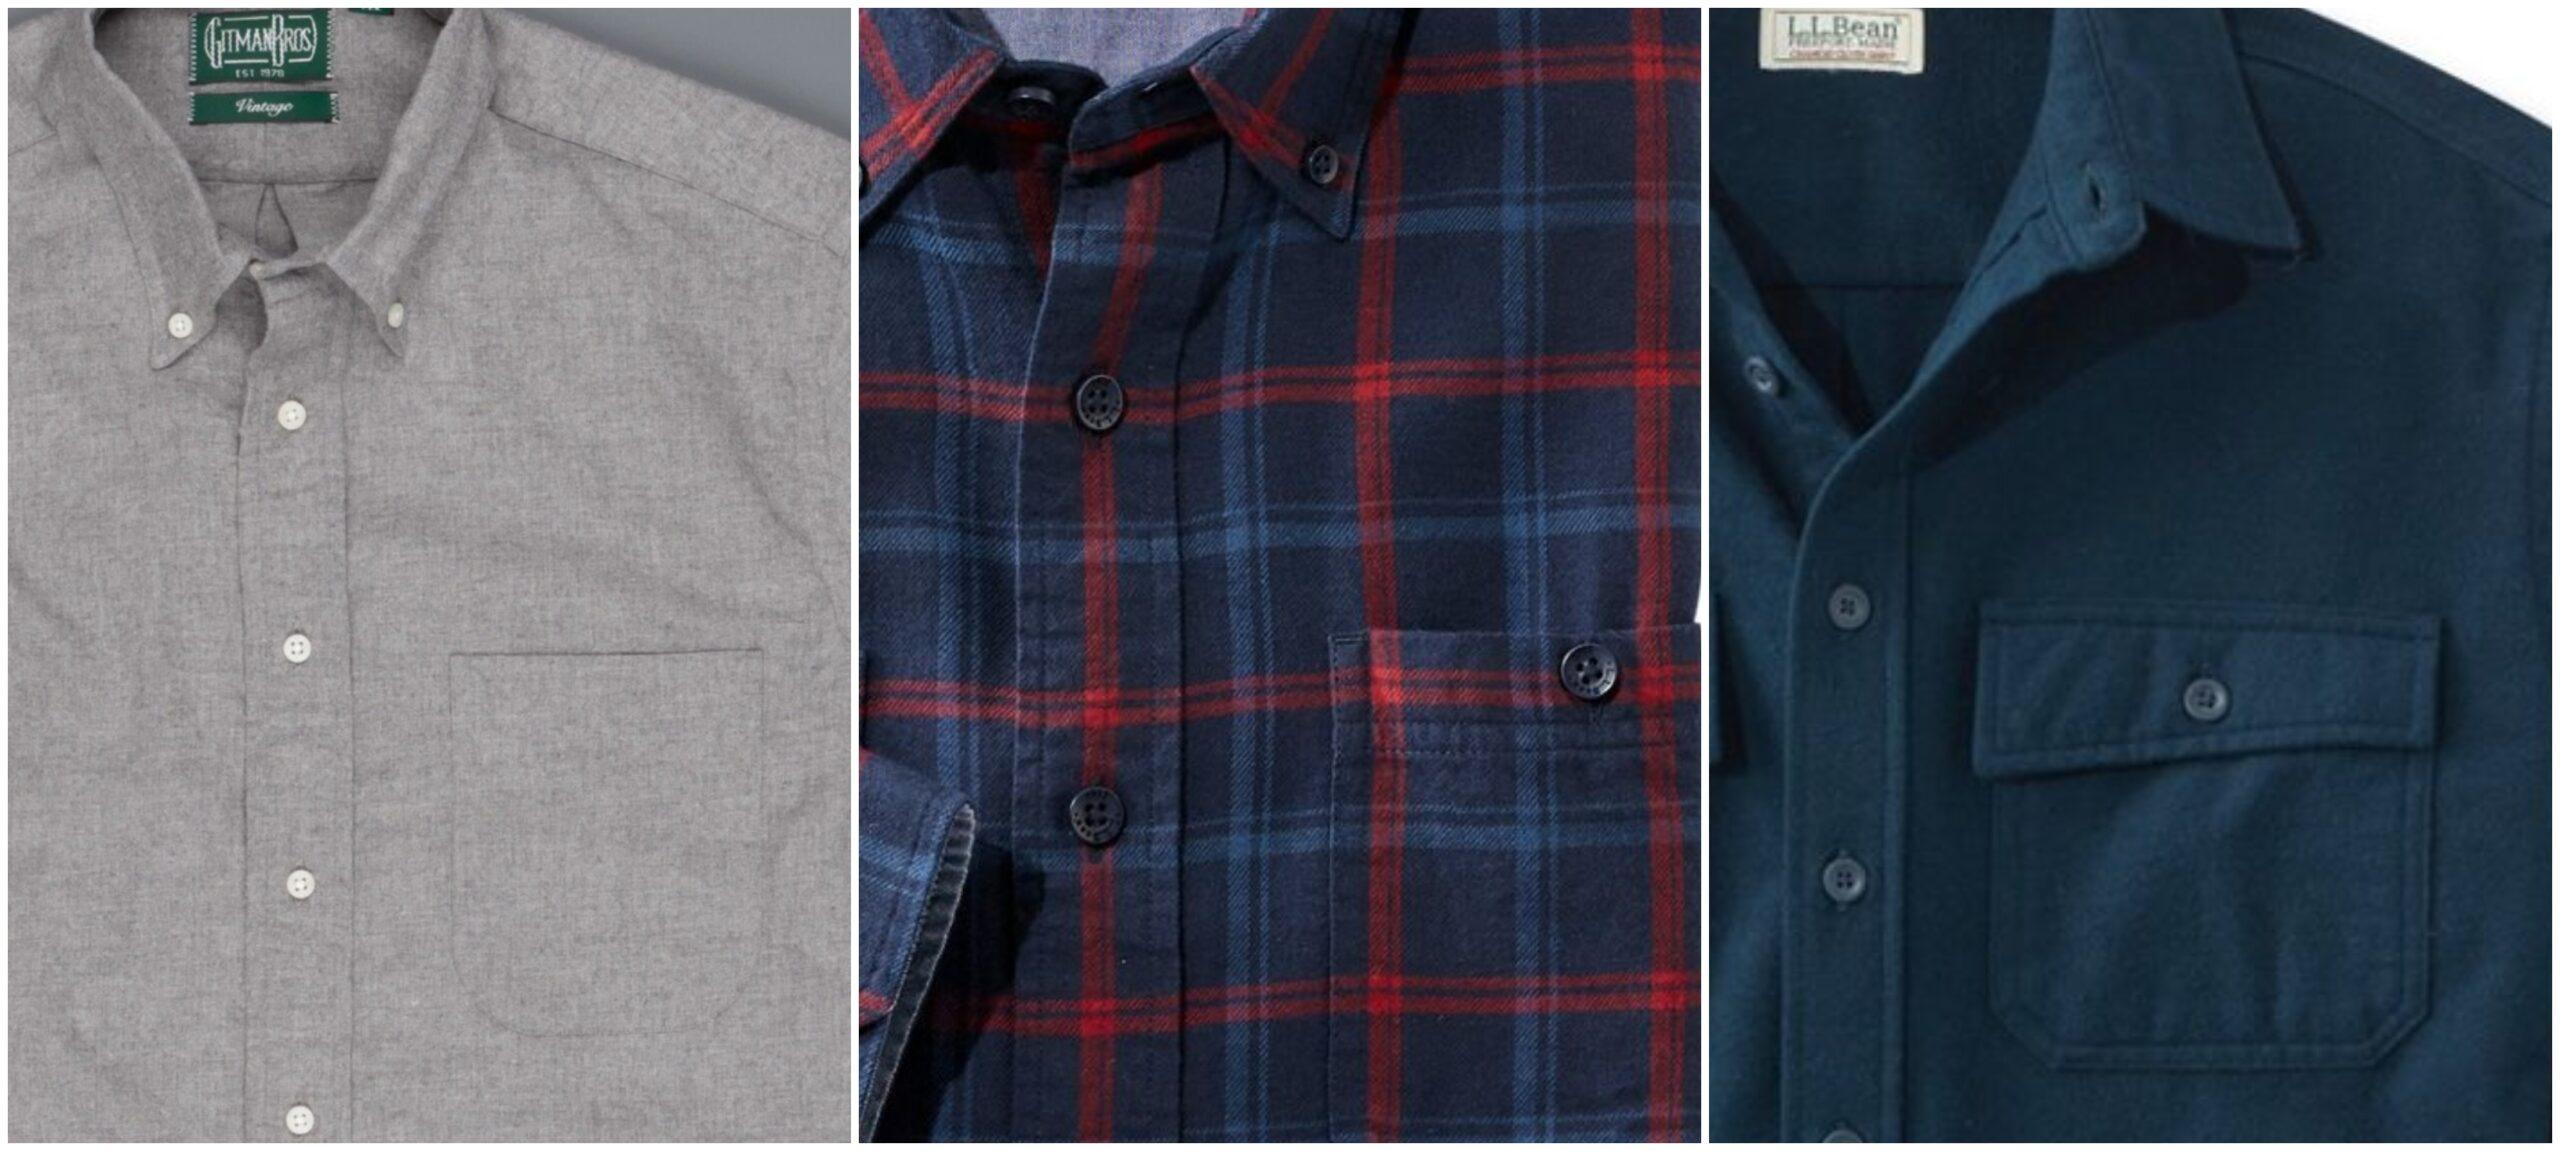 La poche de poitrine (toujours une poche plaquée) peut être -du moins au plus décontracté- simple, boutonnée, ou à rabat. On évitera de porter en ville la poche à rabat, résolument beaucoup trop sport.